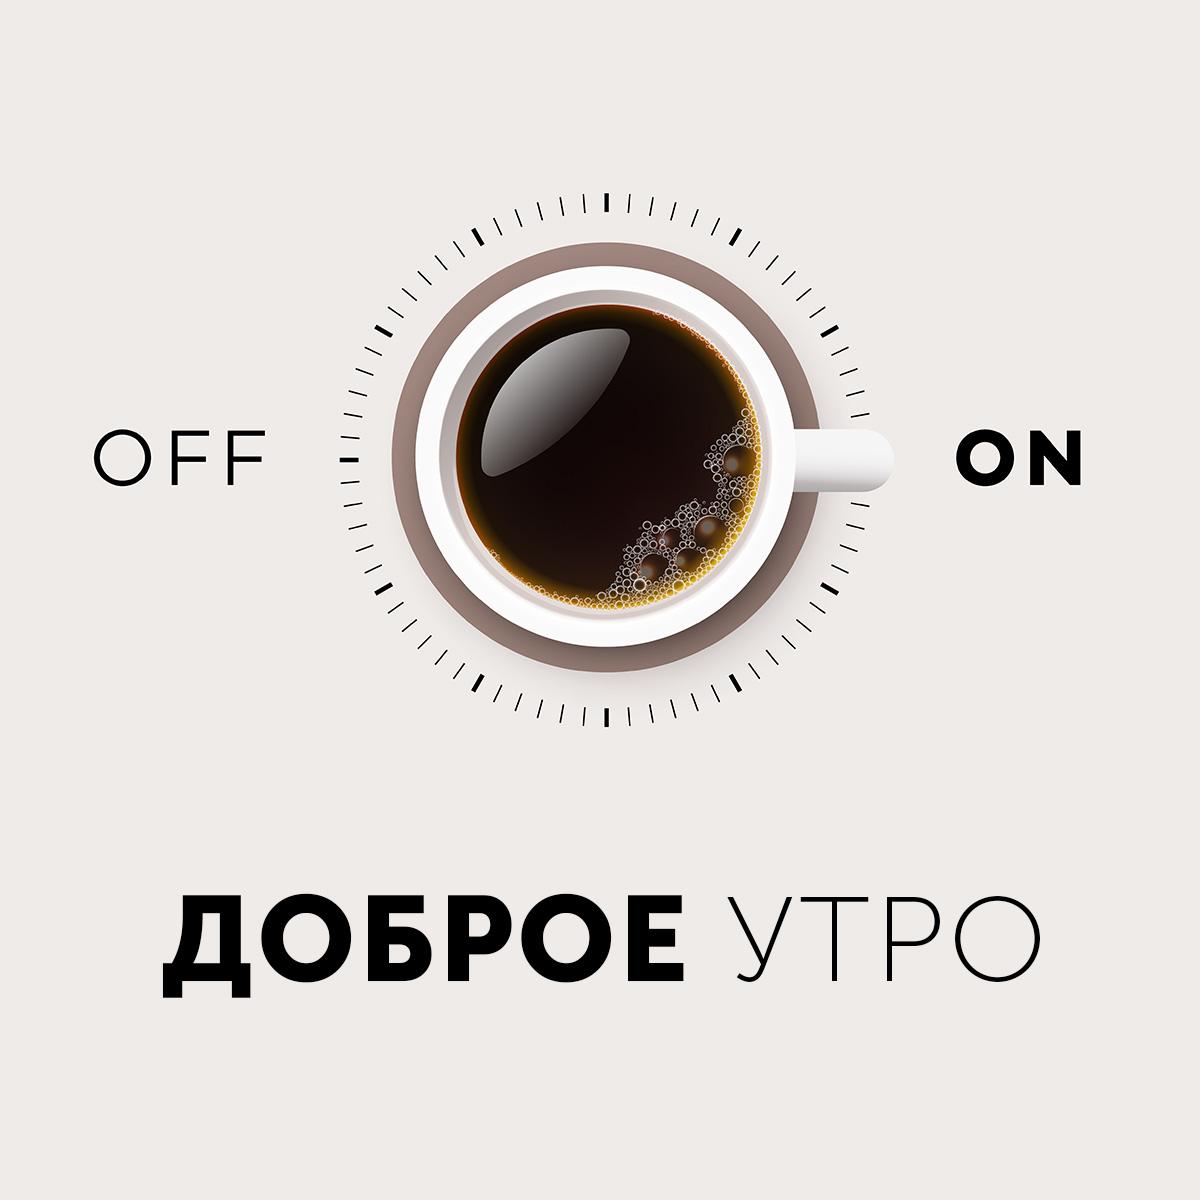 Белая кофейная чашка внутри круглого циферблата на светлом фоне с текстом.